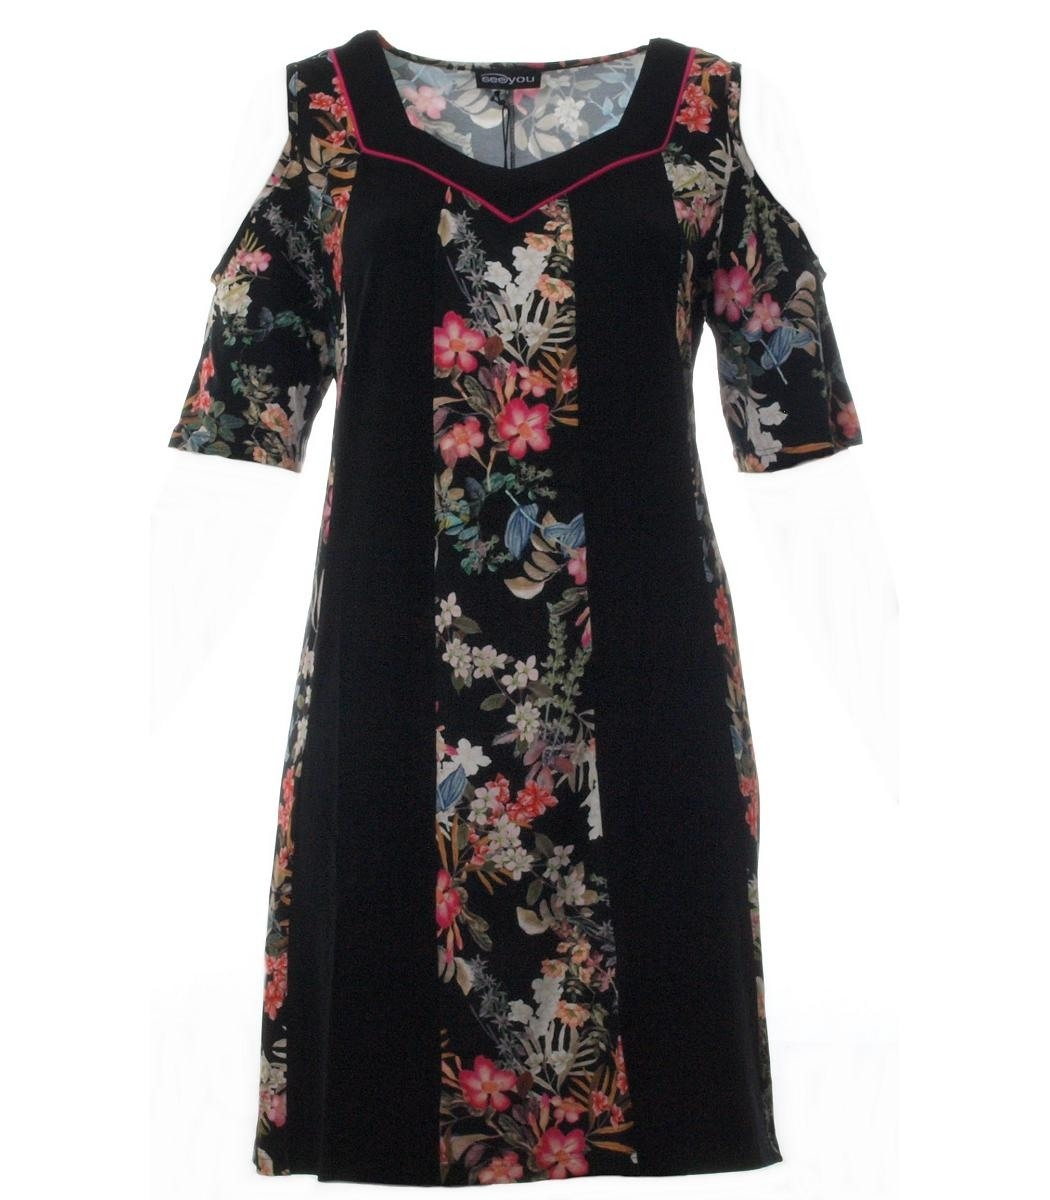 20 Wunderbar Sommerkleid Schwarz für 2019Abend Erstaunlich Sommerkleid Schwarz Design